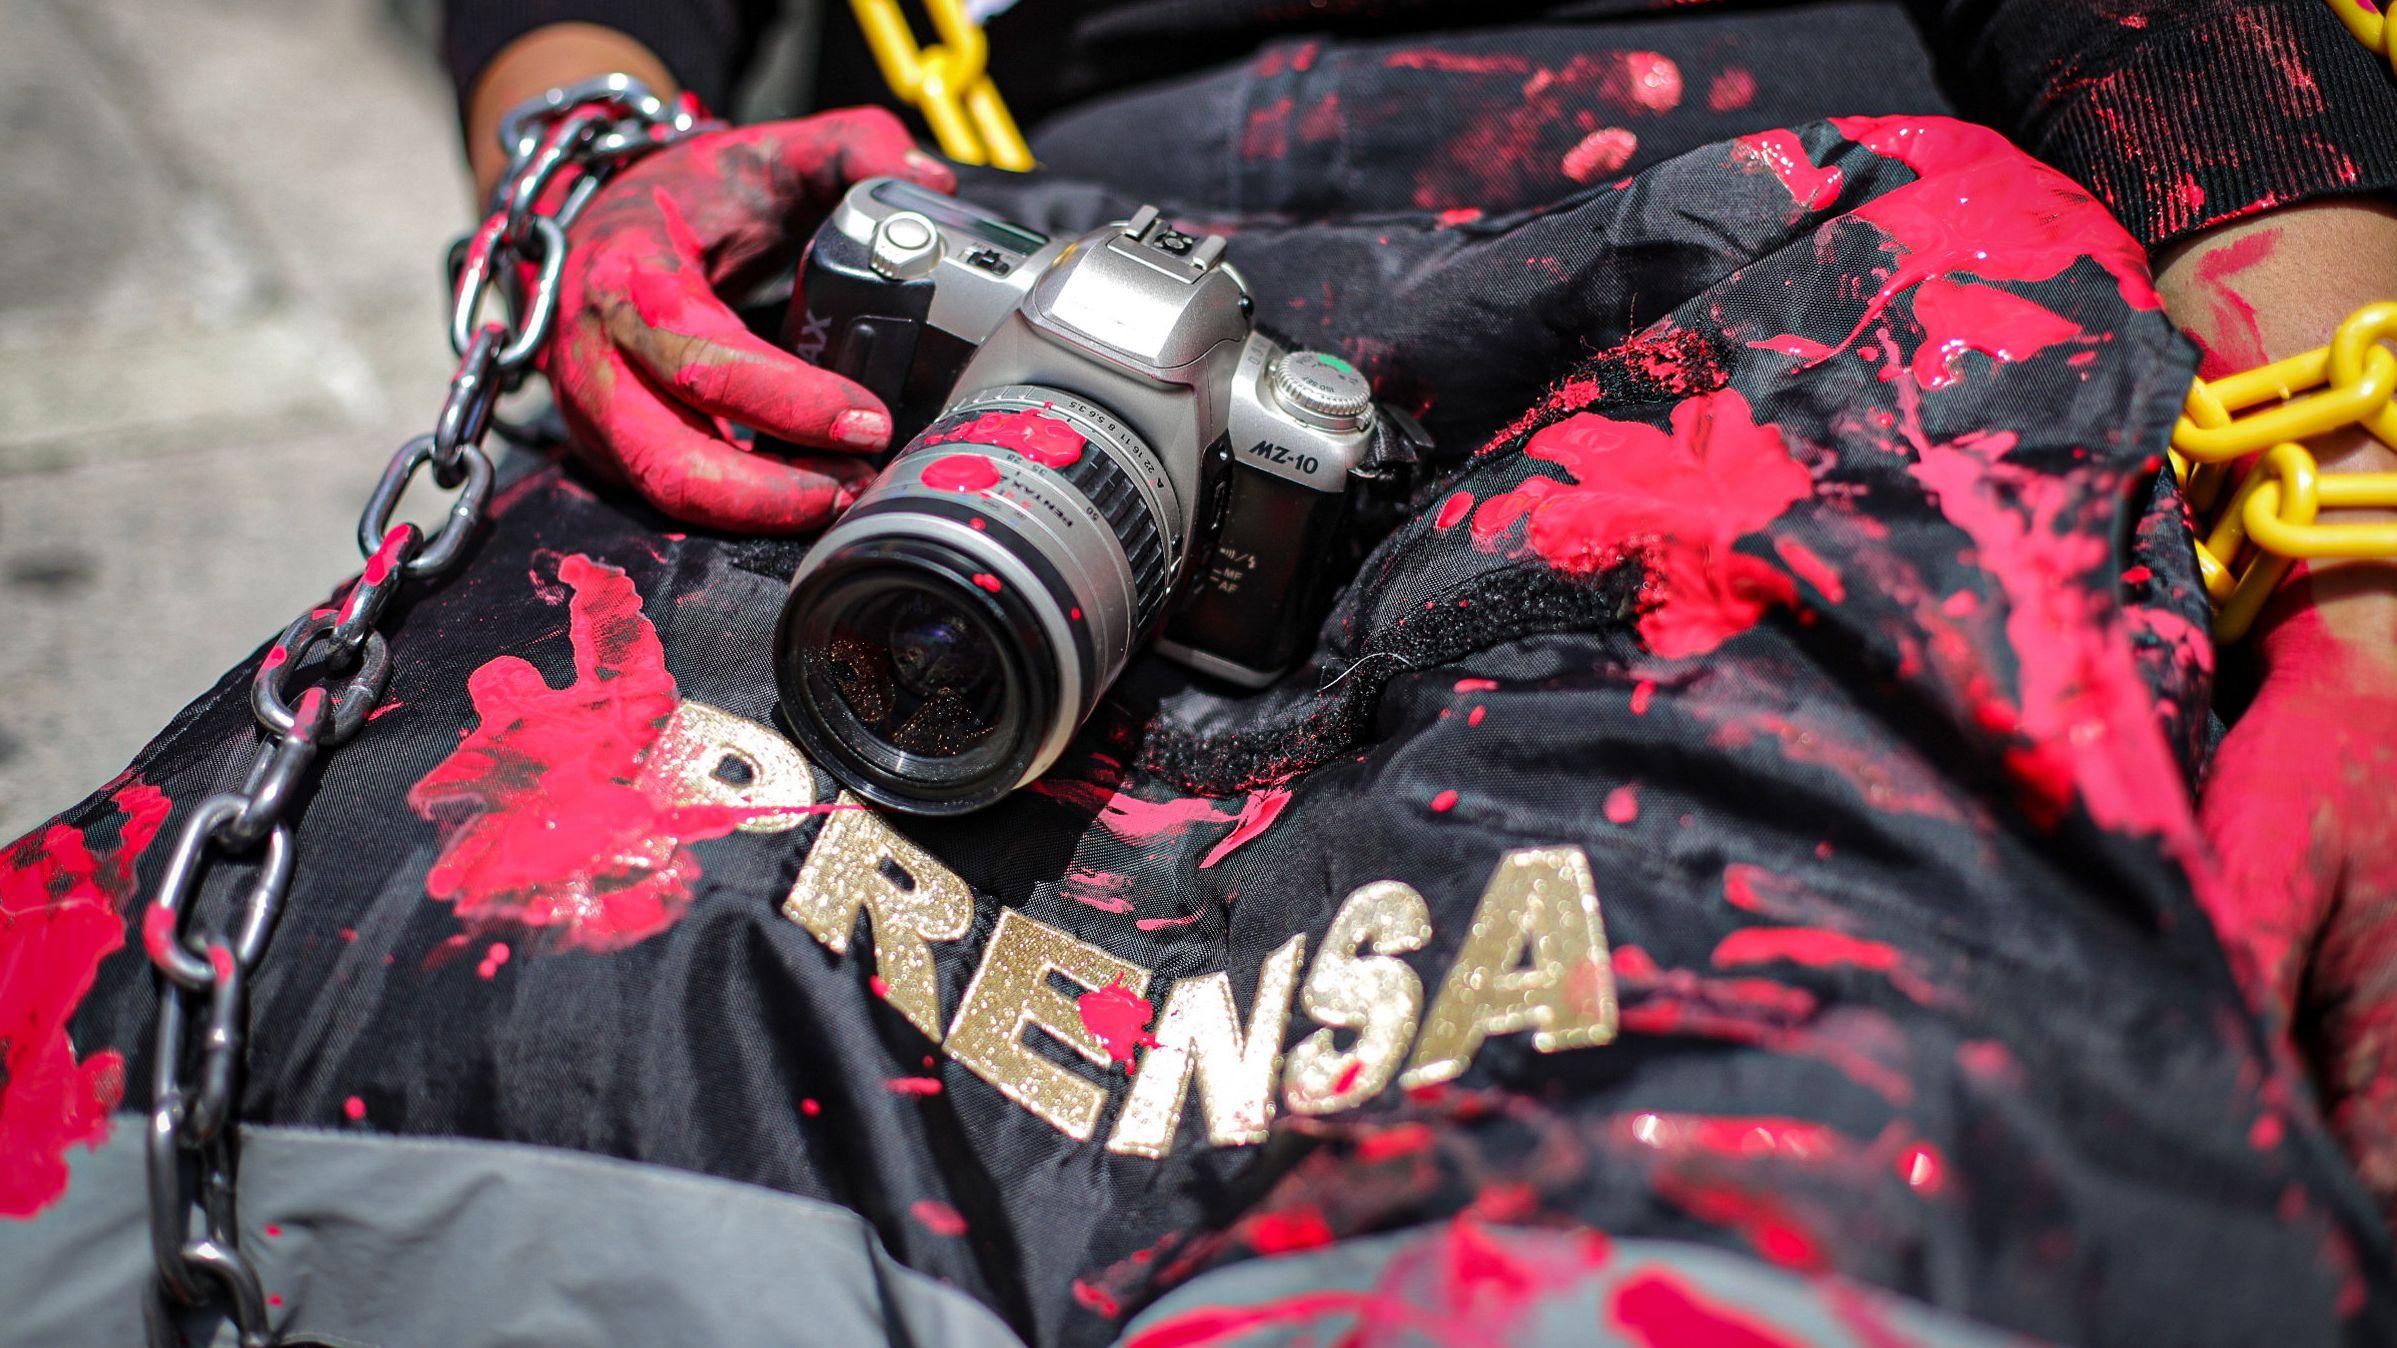 Die Journalistin und Aktivistin Arango hält eine rot verschmeirte Kamera und eine Presseweste bei einer symbolischen Aktion vor der mexikanischen Staatsanwaltschaft gegen die Ermordung des Journalisten Nevith Condes Jaramillo